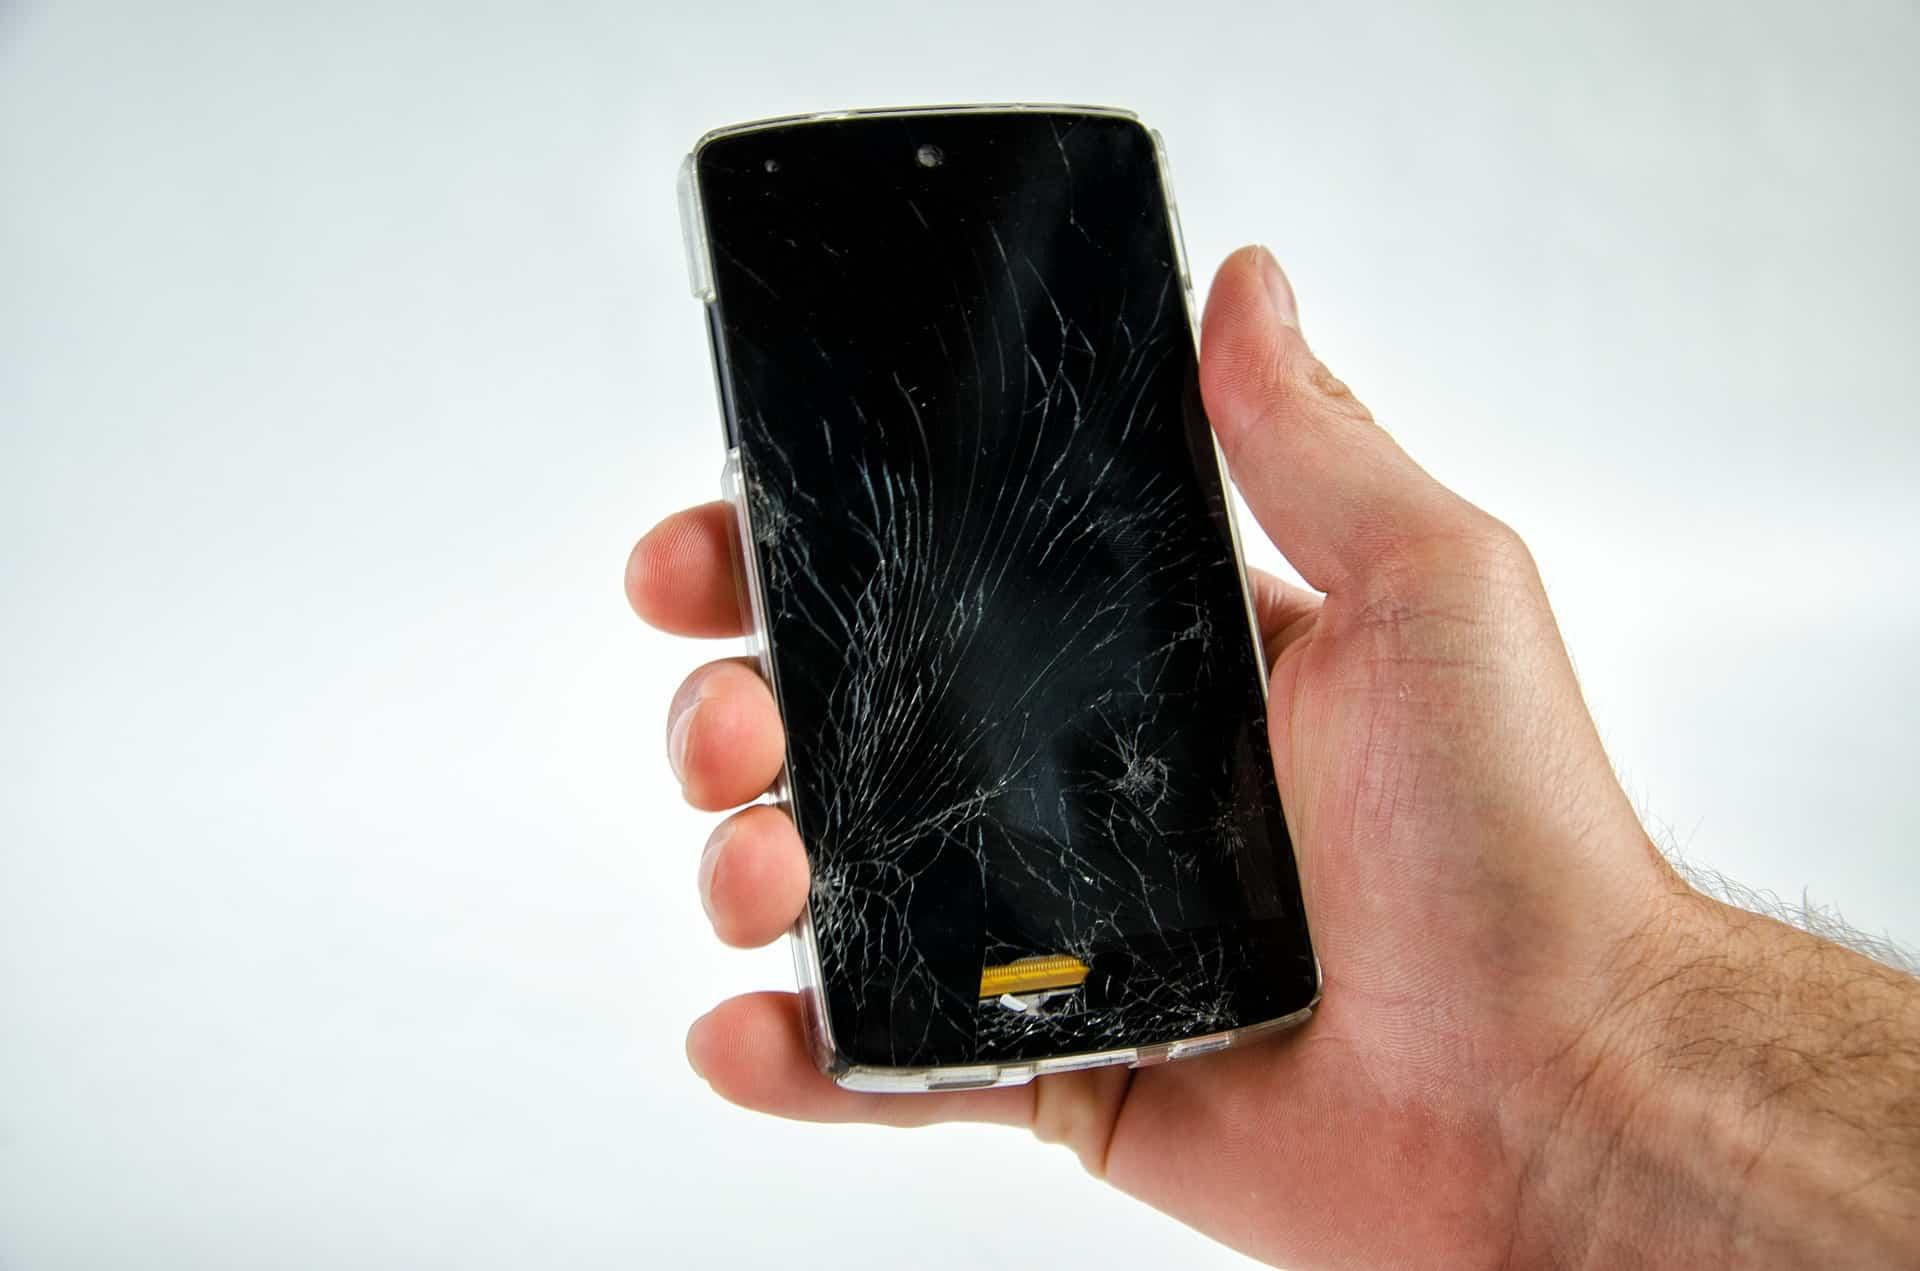 Dzisiejsze smartfony ładne i delikatne - jak uchronićsięprzed wysokimi kosztami zbitego ekranu?